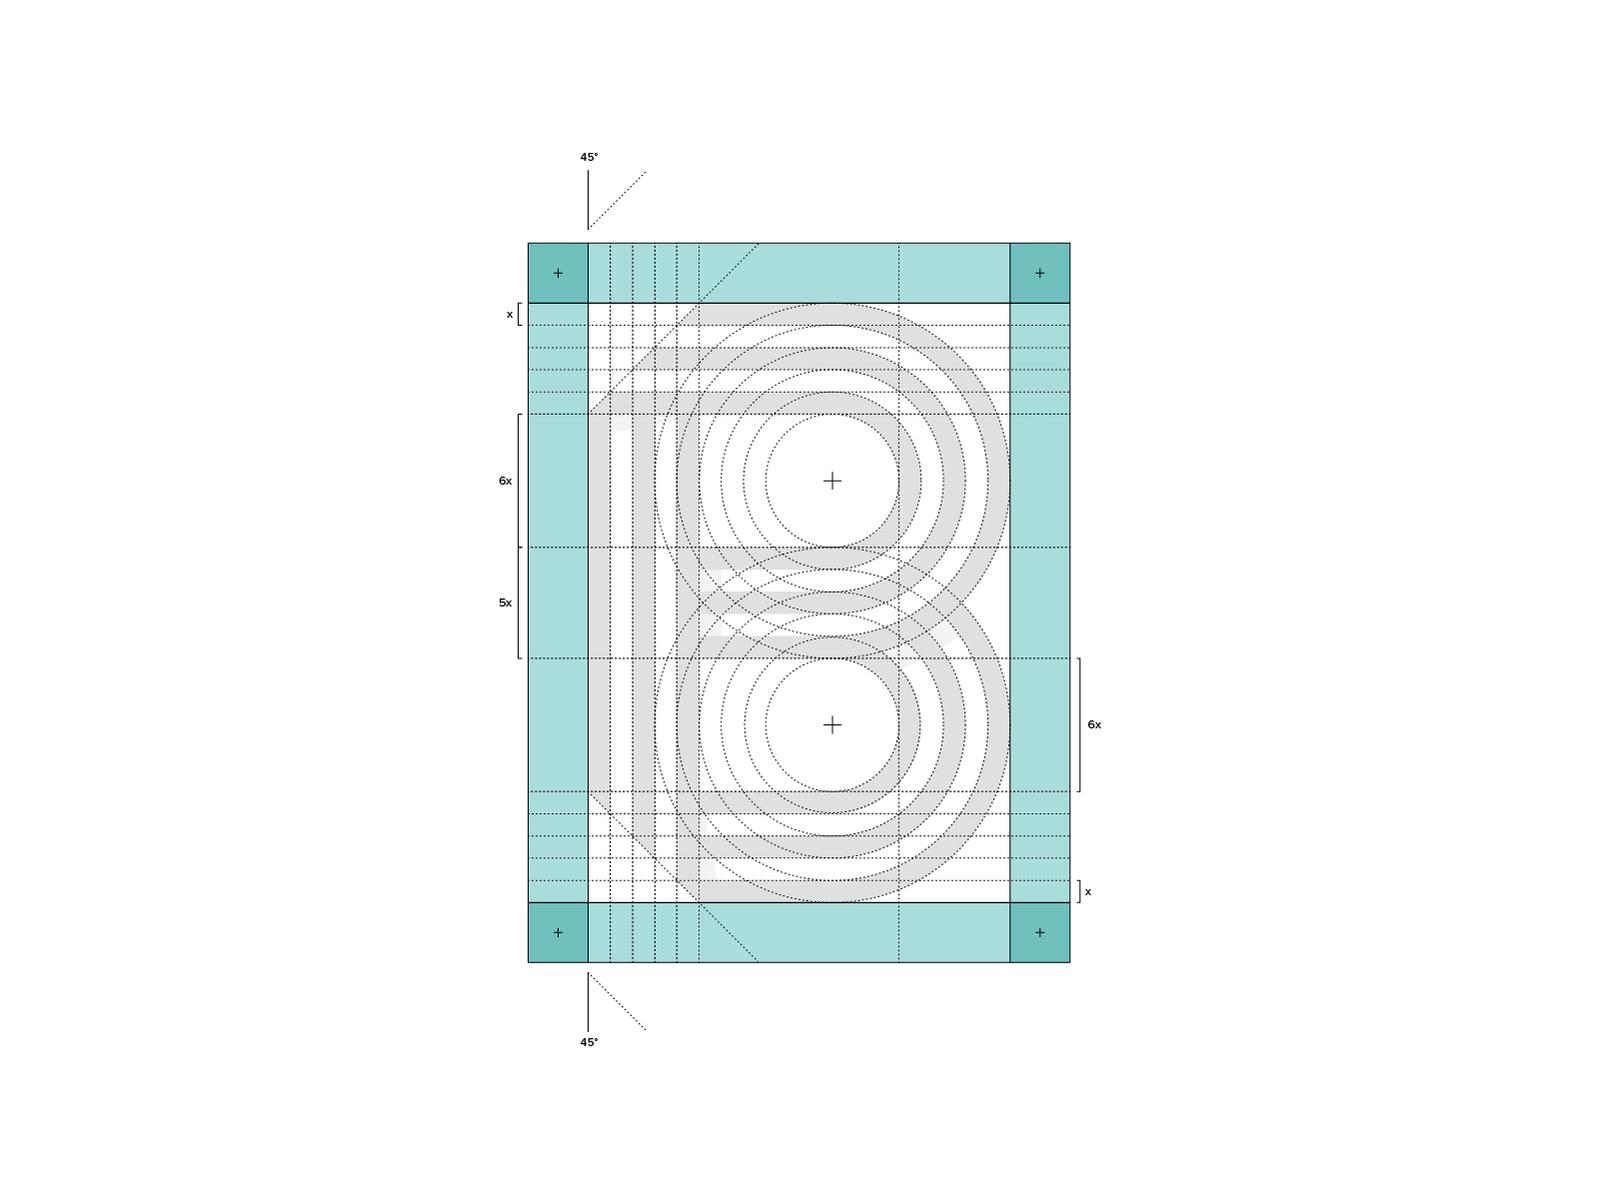 B grid 06 4x